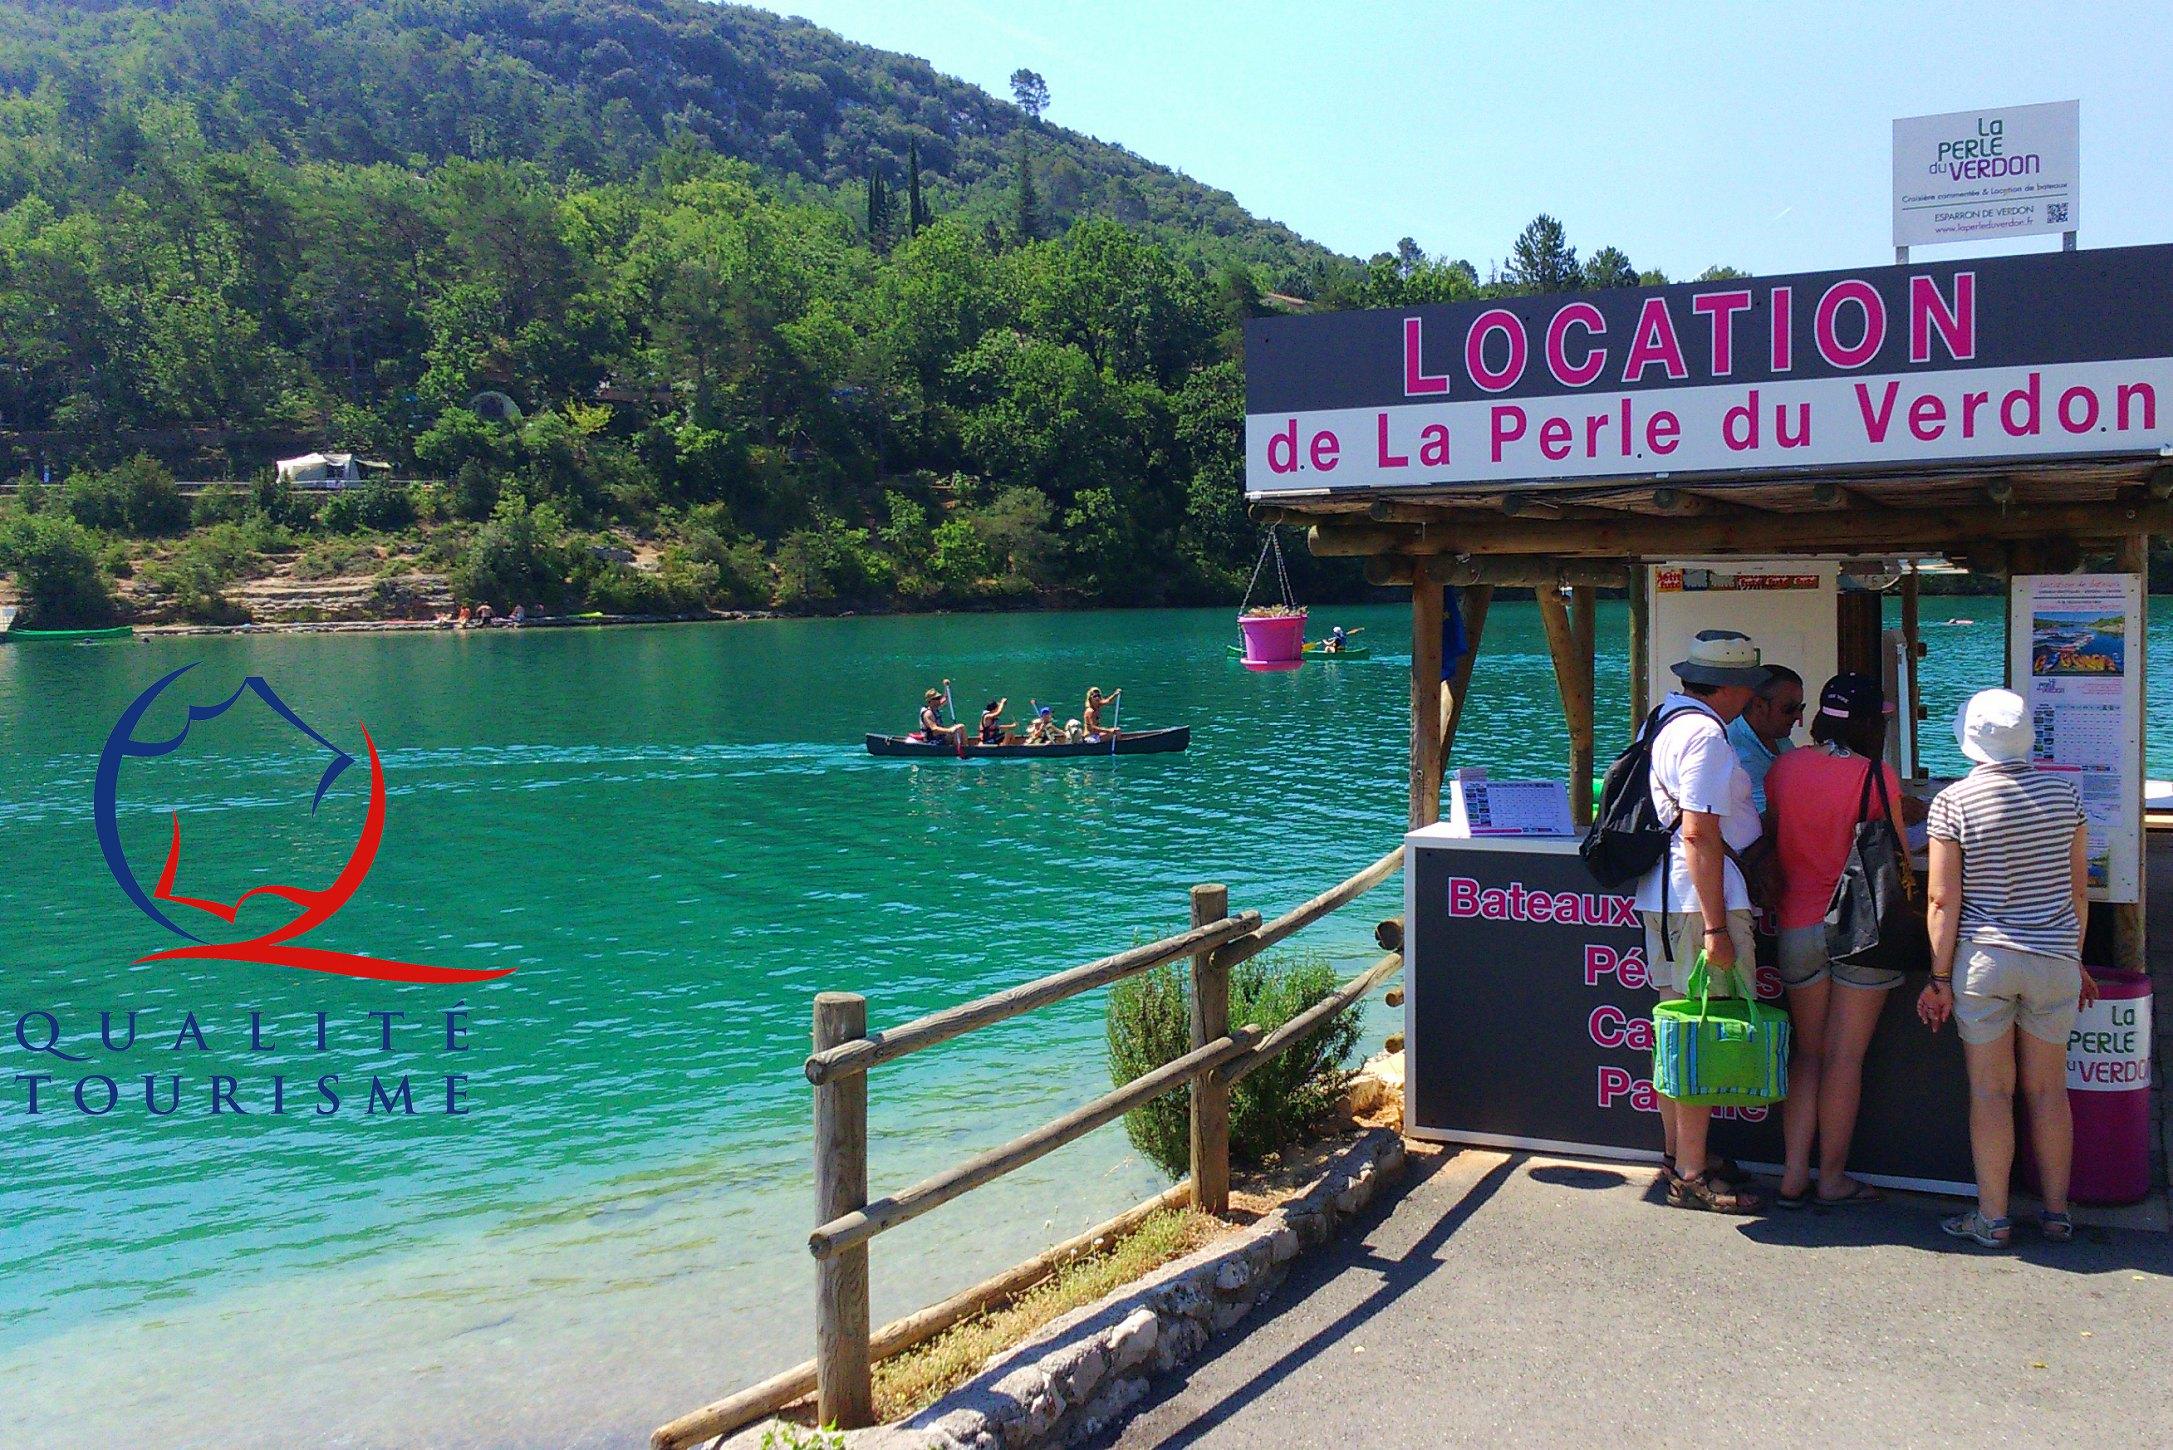 Qualit tourisme alpes de haute provence tourisme - Office tourisme montgenevre hautes alpes ...